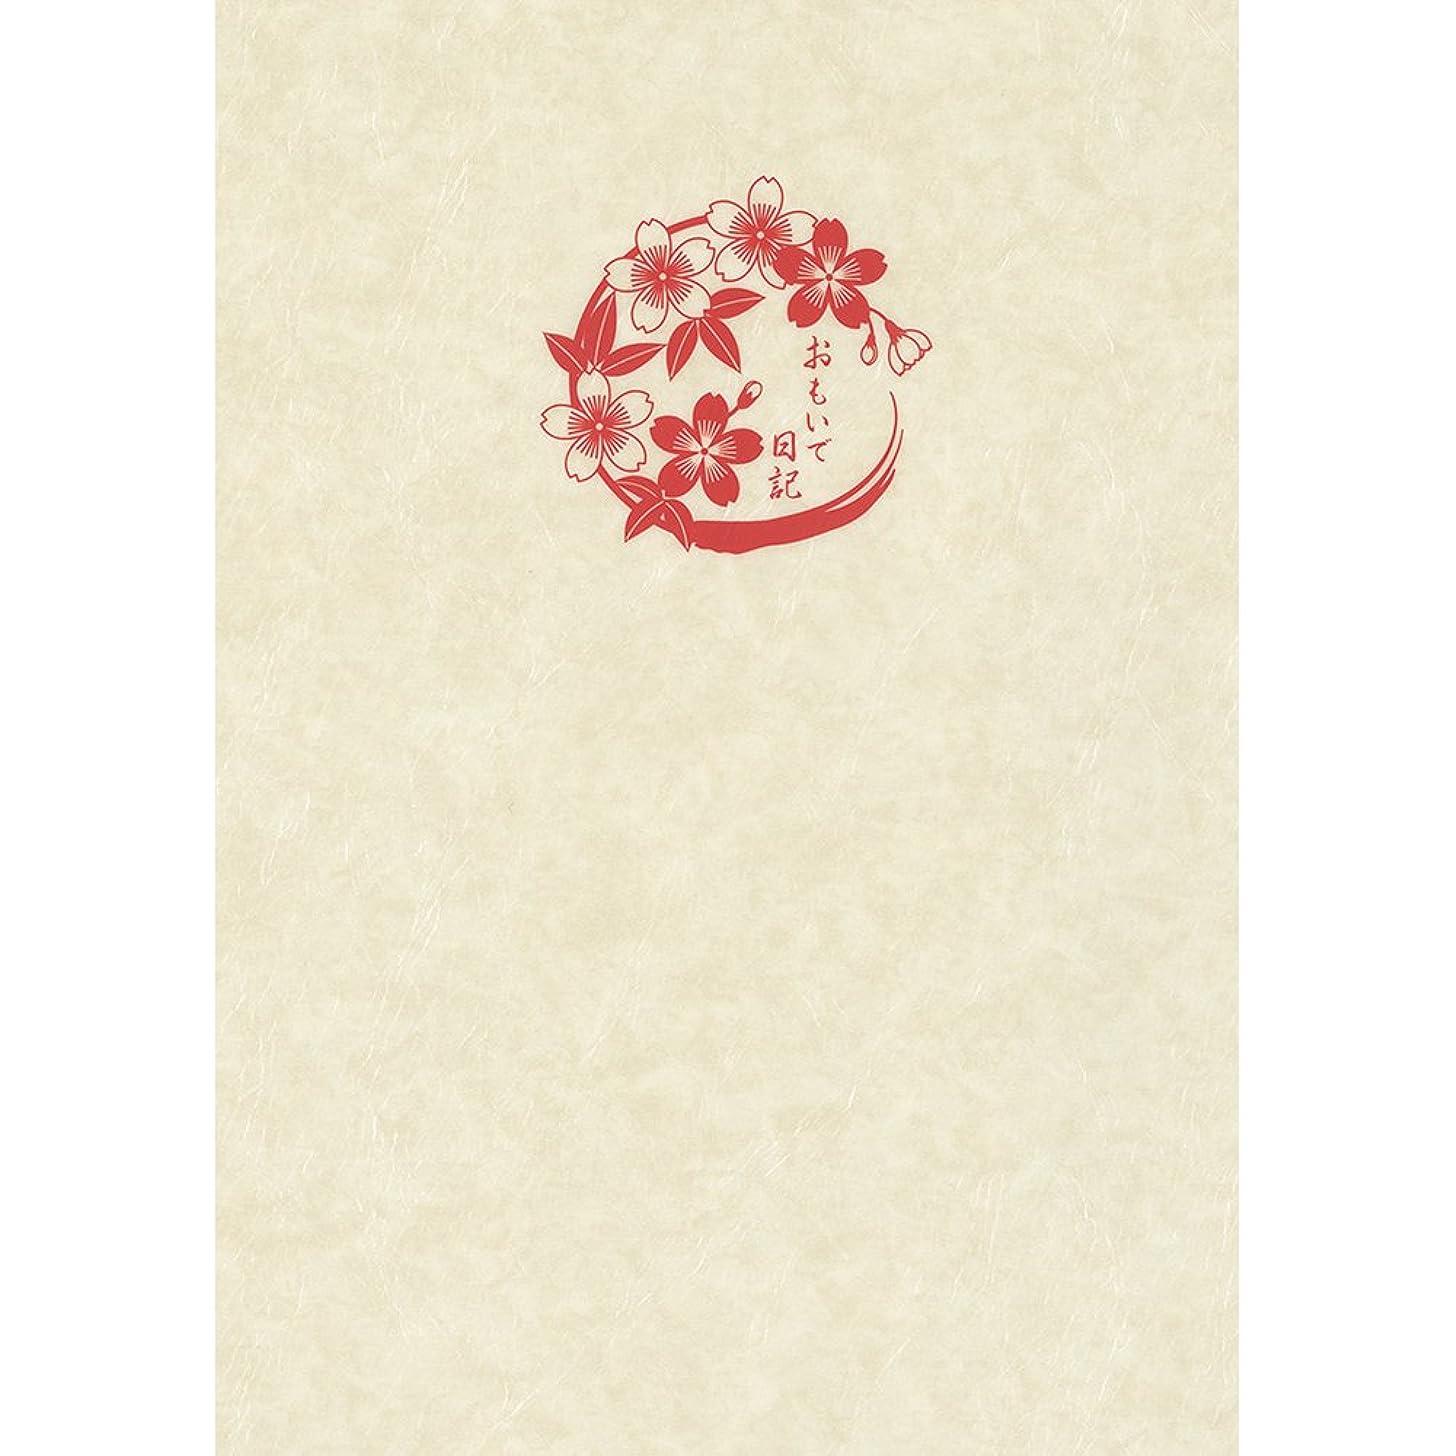 雇用者光の尊厳ナカバヤシ 日記帳 おもいで日記 A5 クリーム D-A501C